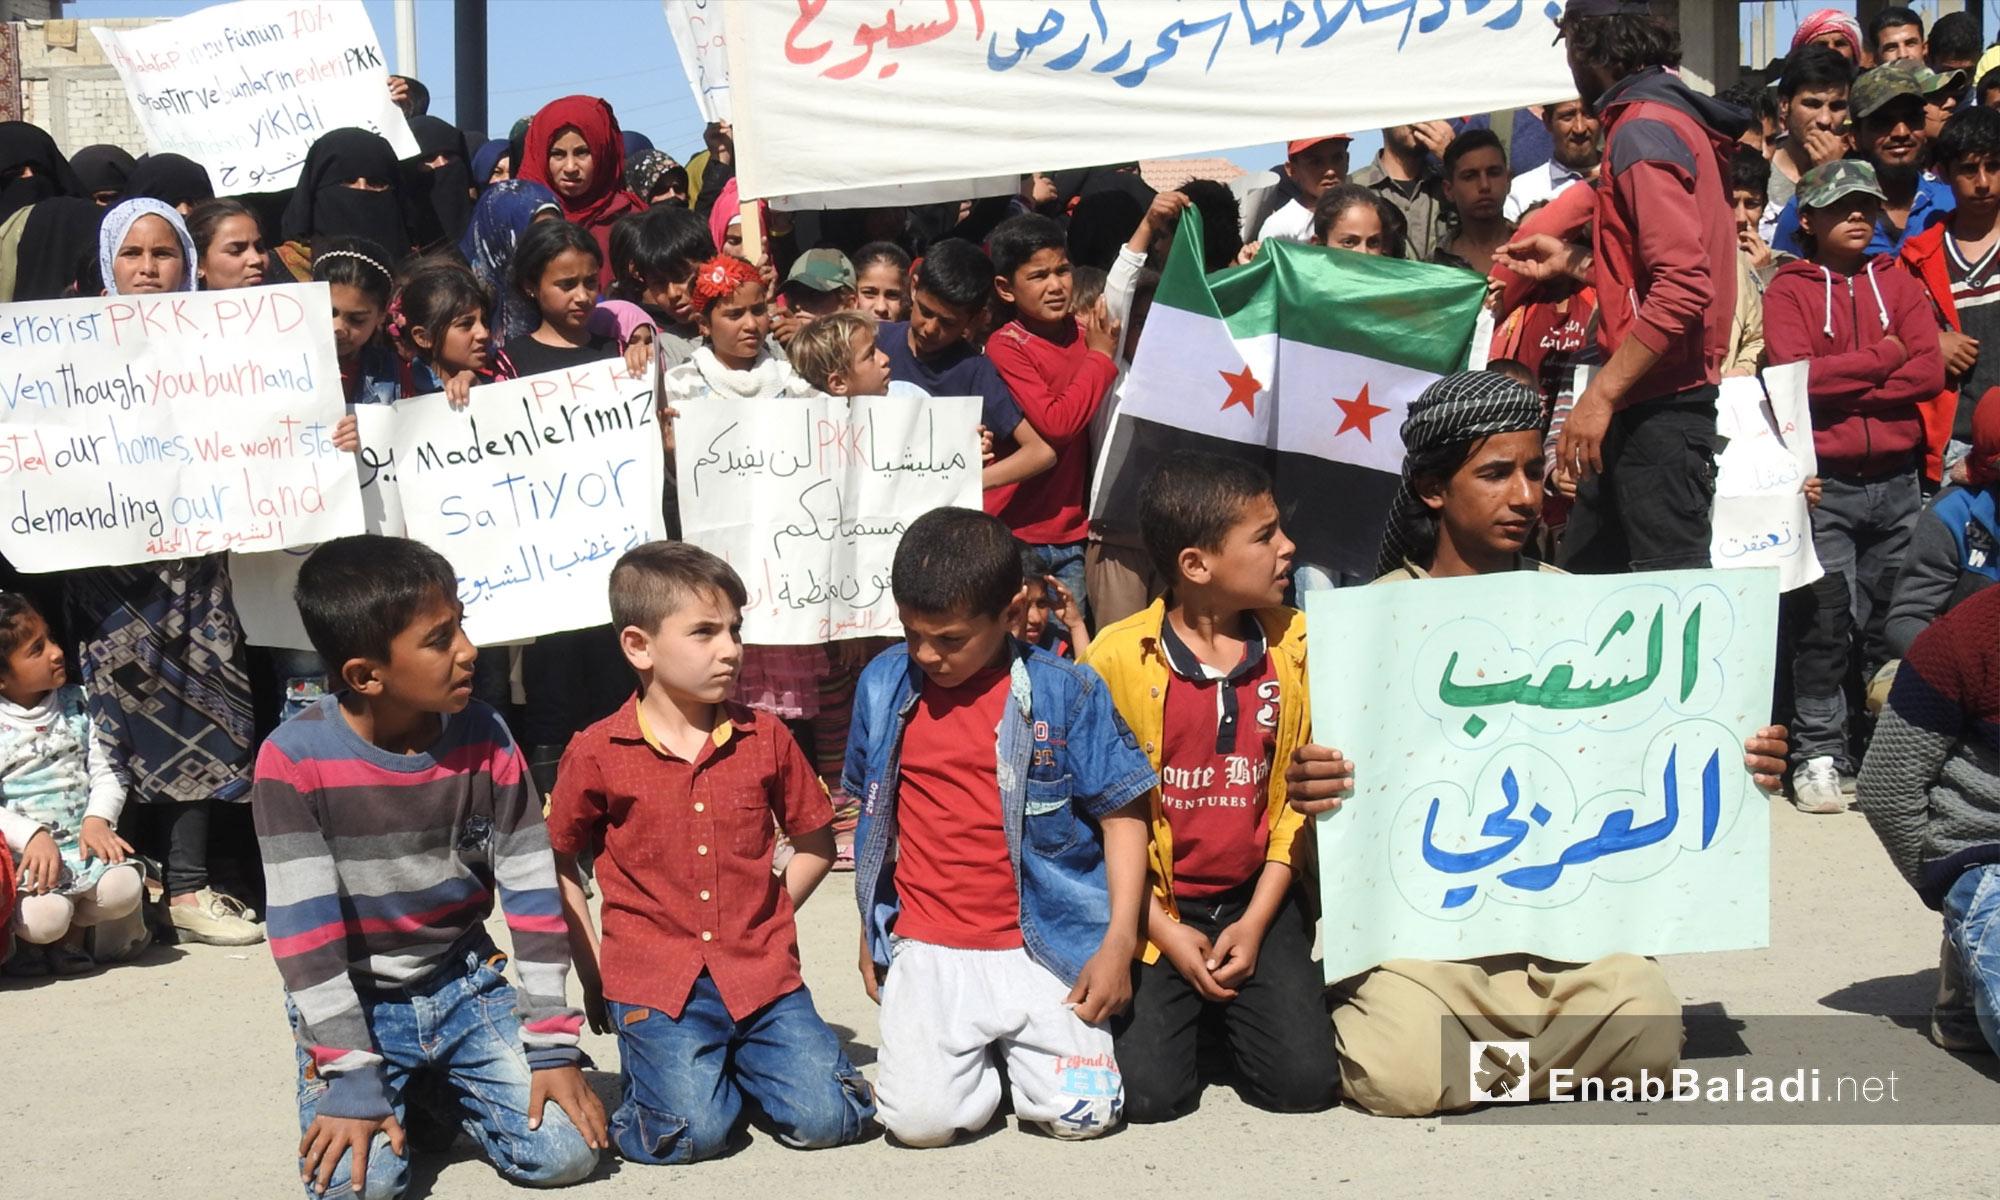 أطفال ومتظاهرون يرفعون لافتات خلال مظاهرات في جرابلس التحرك نحو شرق الفرات - 6 من نيسان 2018 (عنب بلدي)